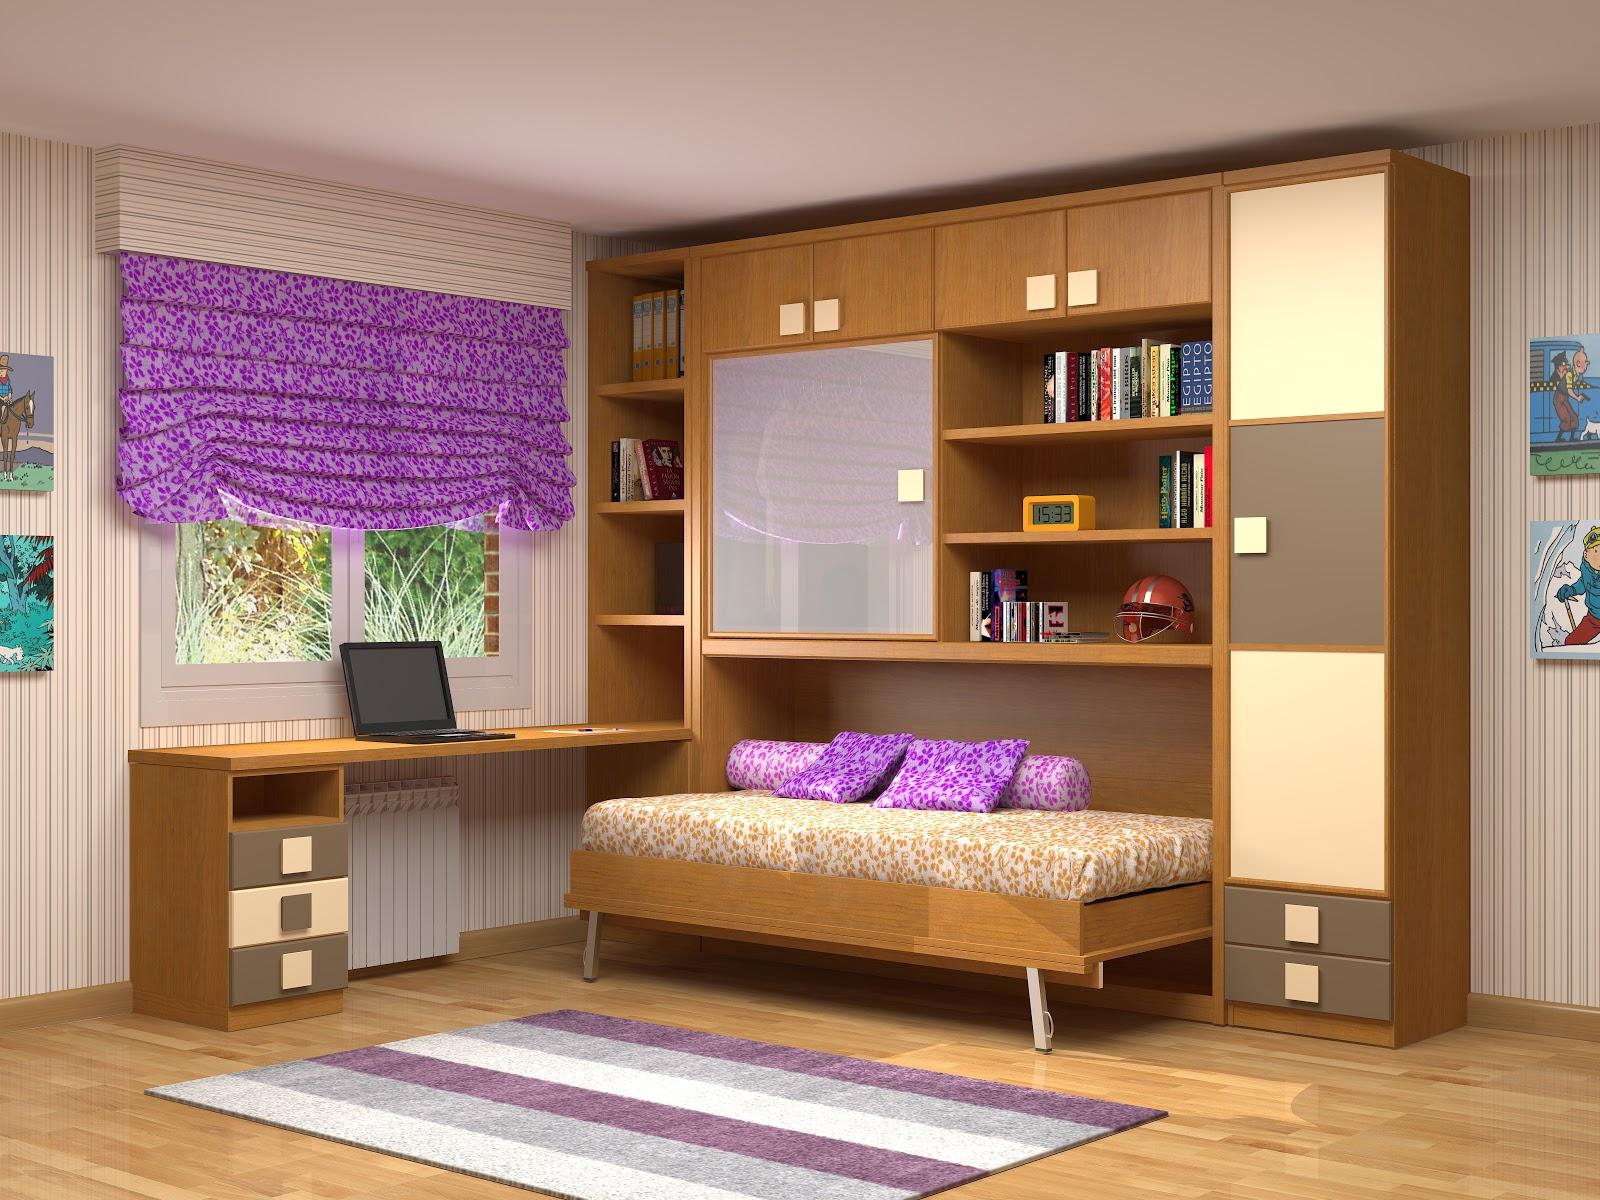 Muebles juveniles dormitorios infantiles y habitaciones for Habitacion madera